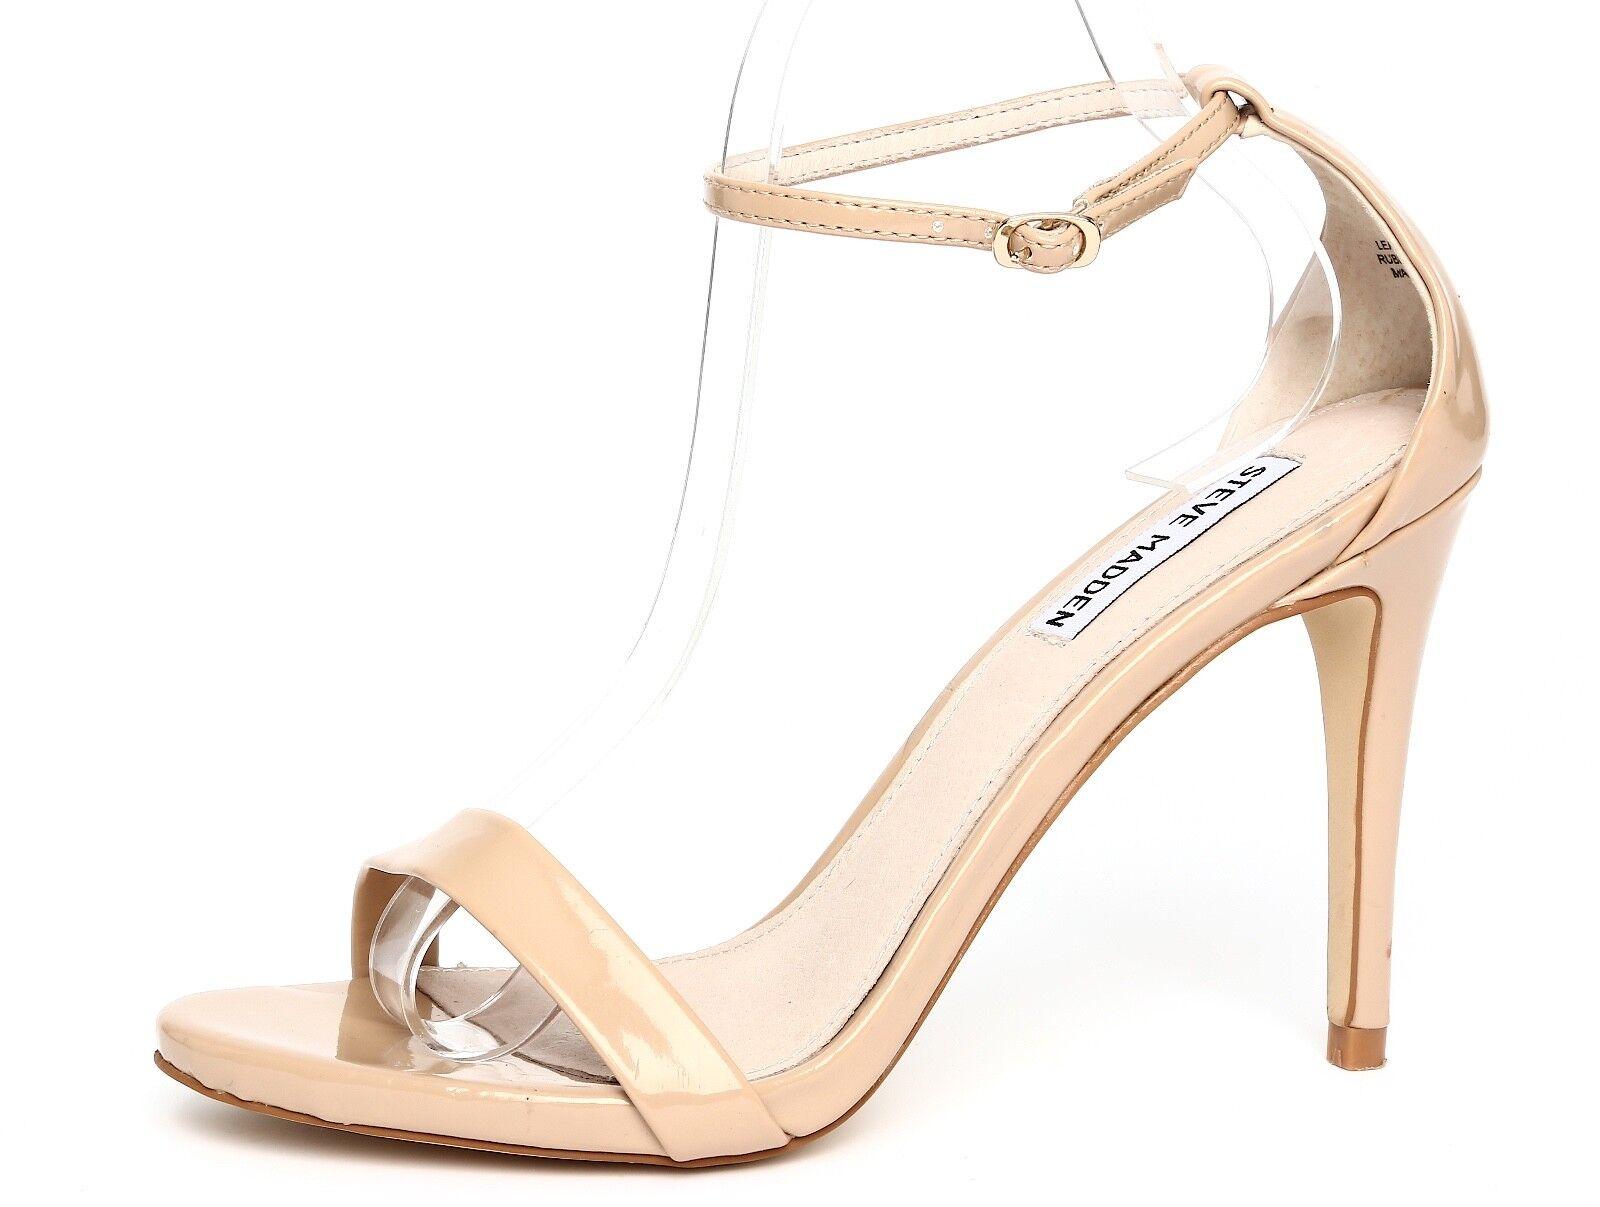 nuovi prodotti novità Steve Madden Madden Madden Stecy Patent Leather Nude Ankle Strap Sandal Heels Sz 8.5M 1111  vendita online